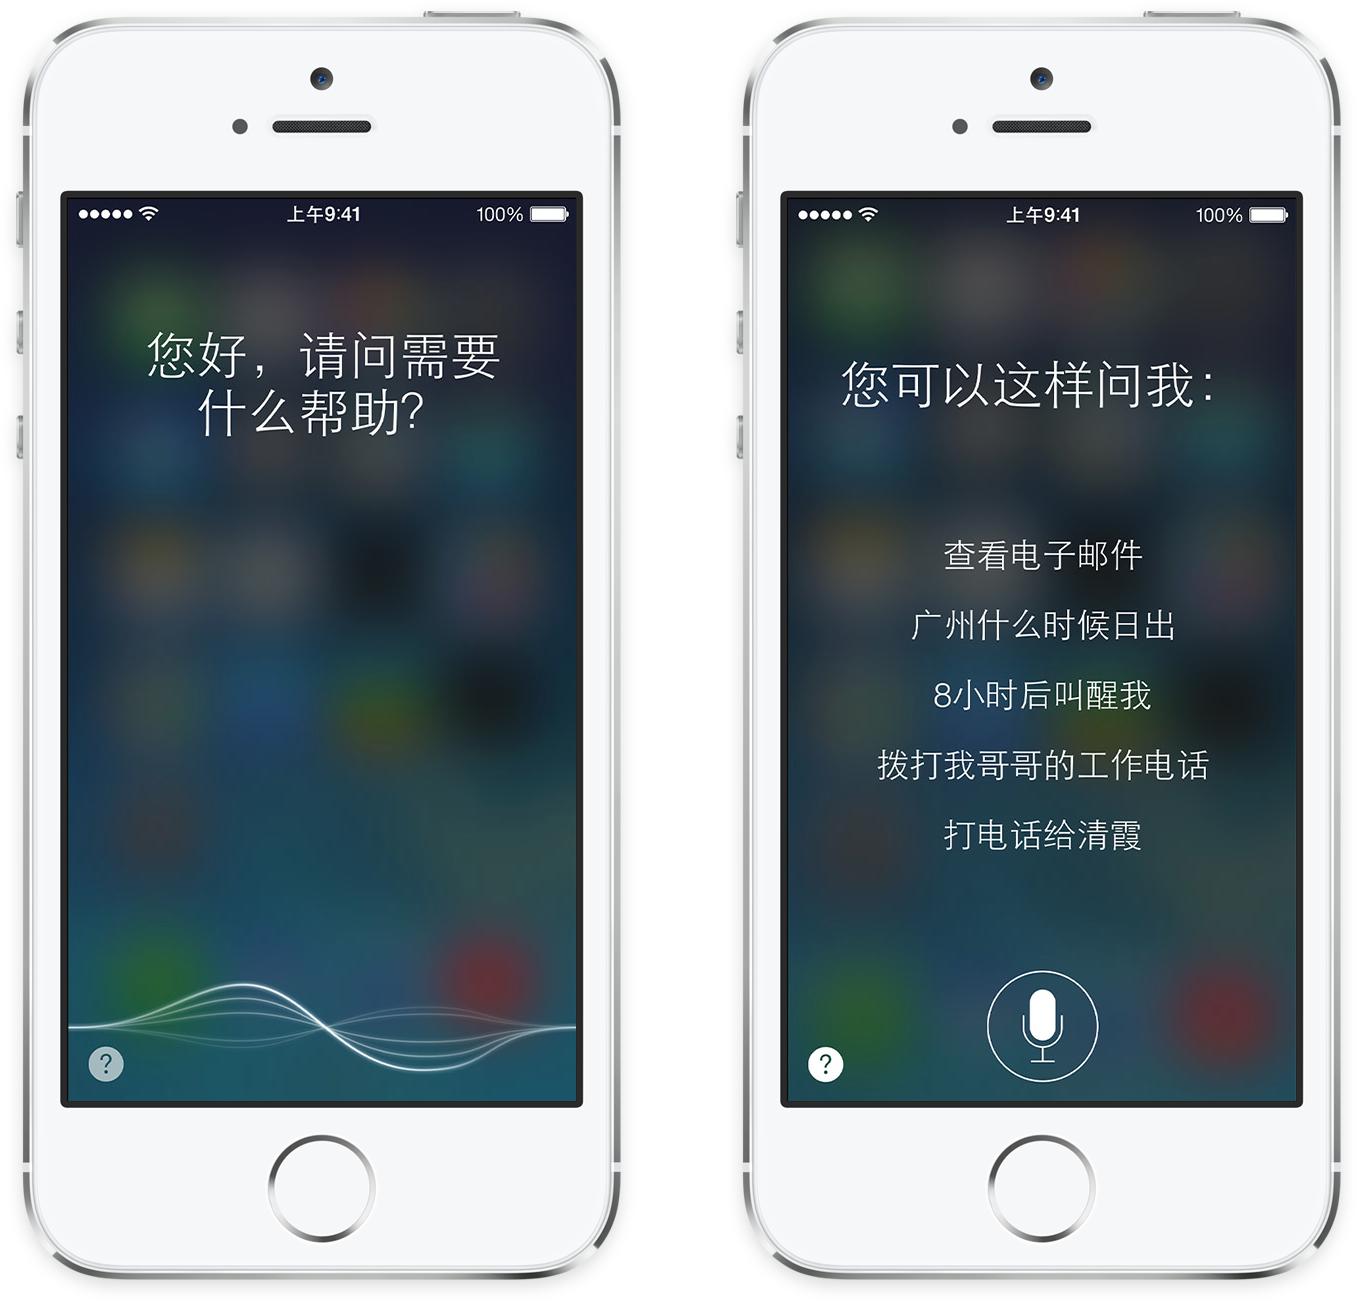 Siri chinesa